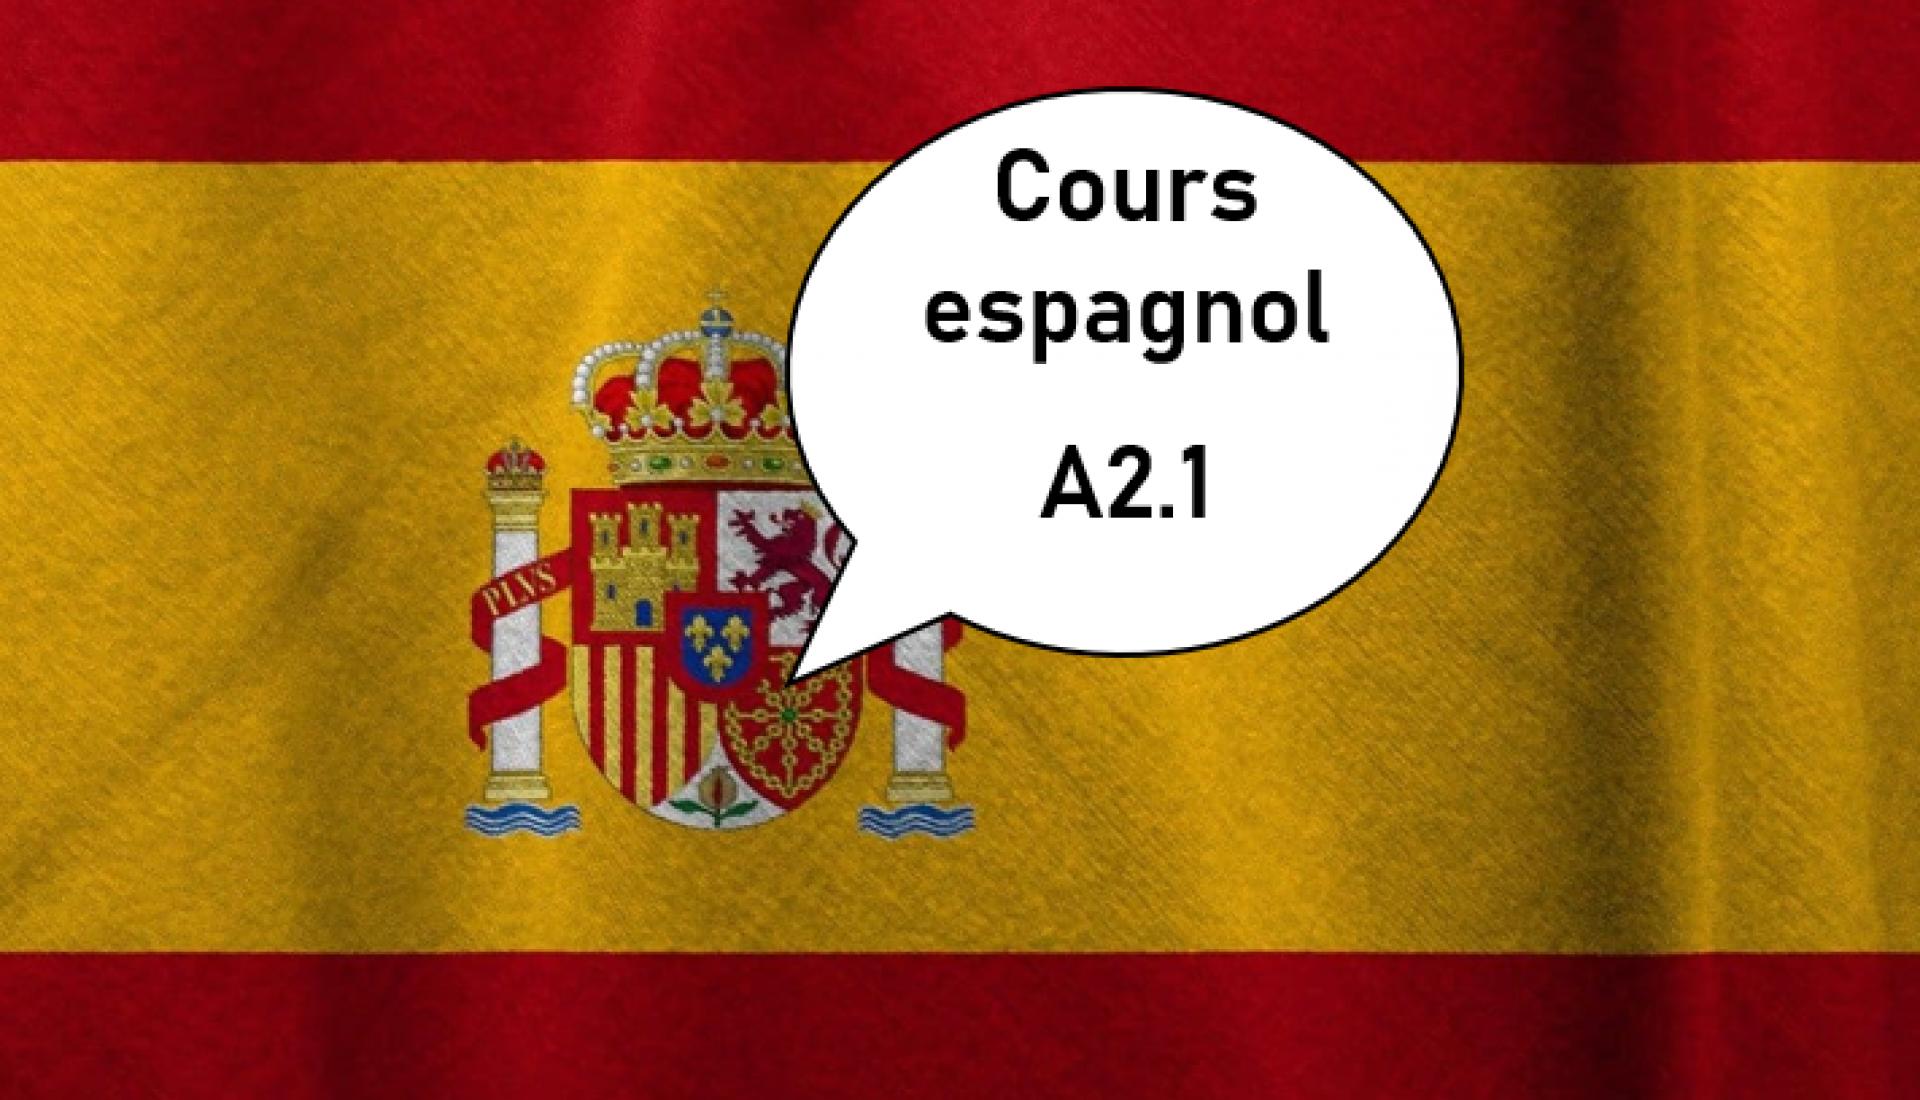 Espagnol A2.1